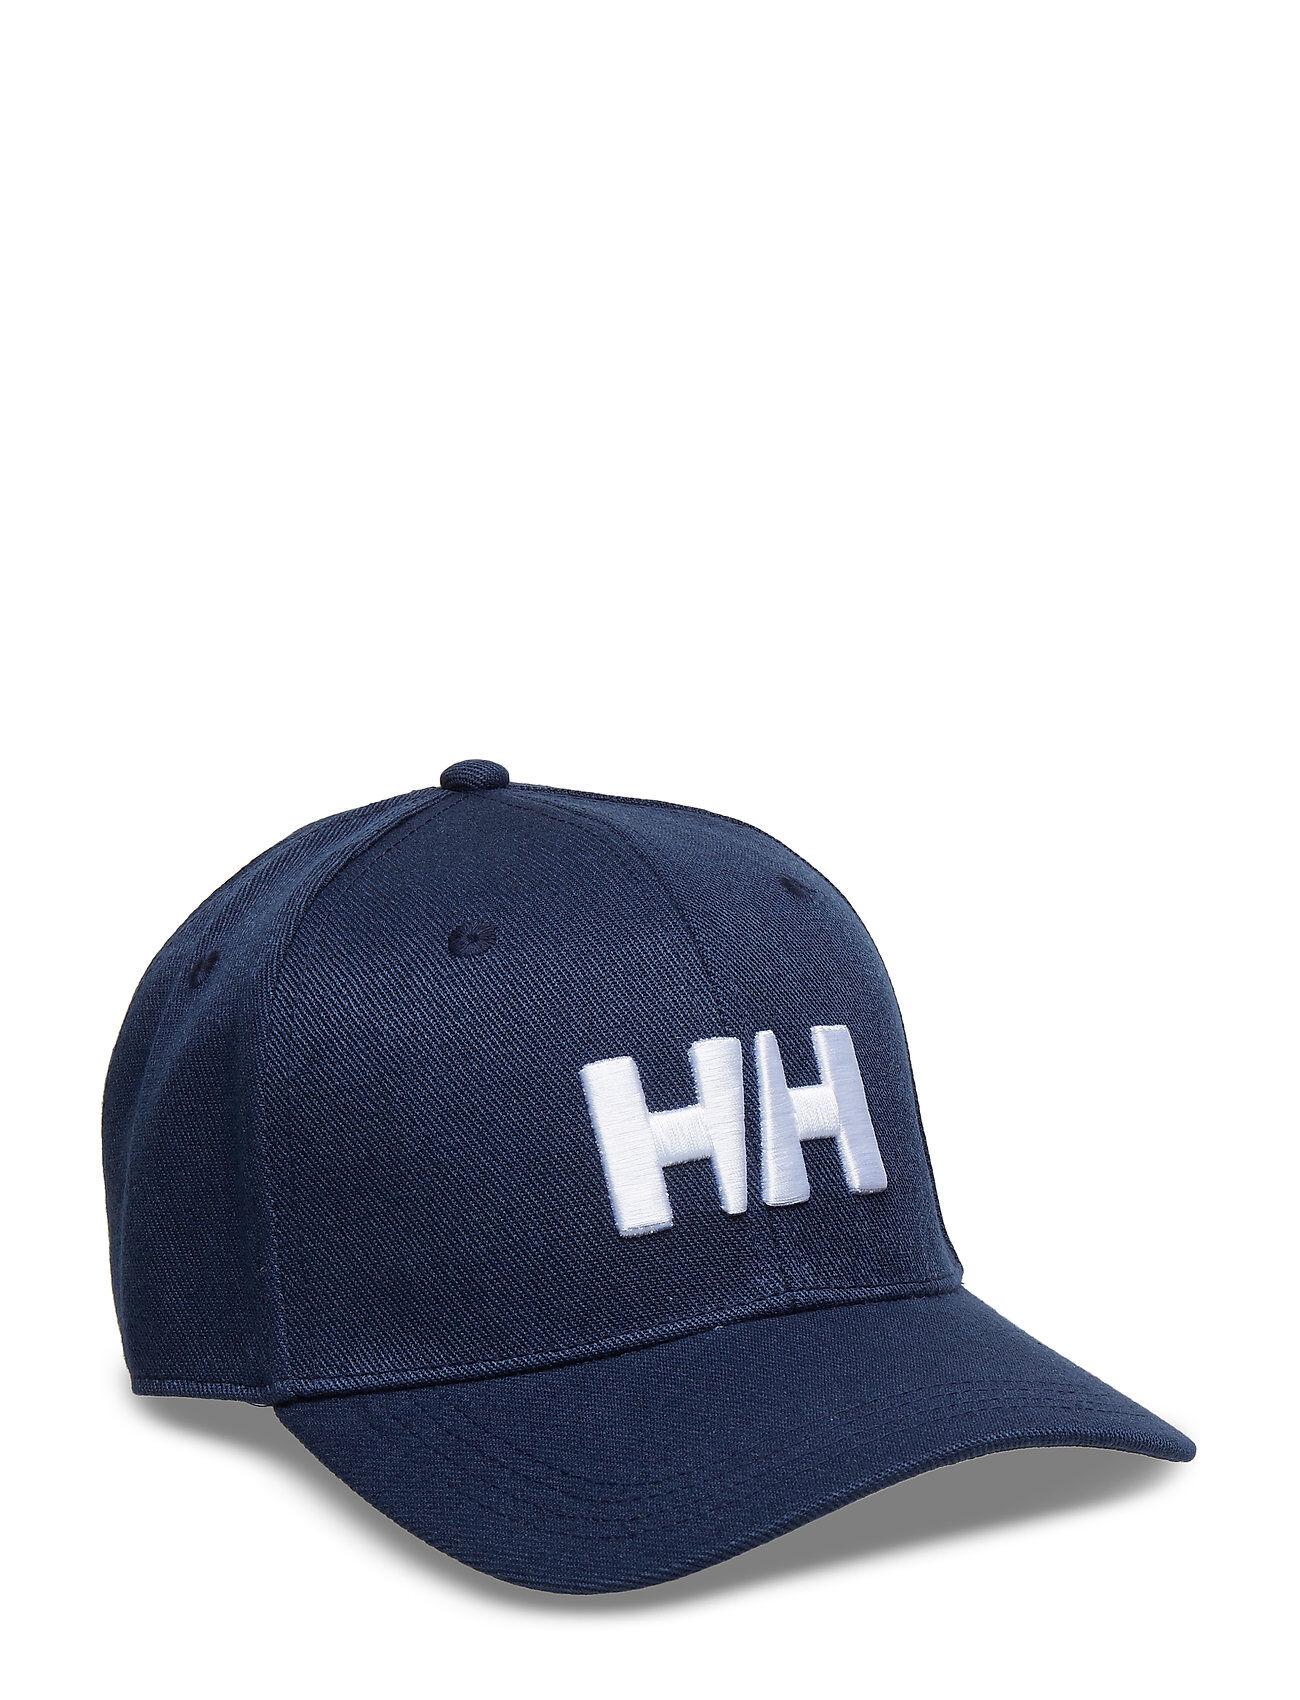 Helly Hansen Hh Brand Cap